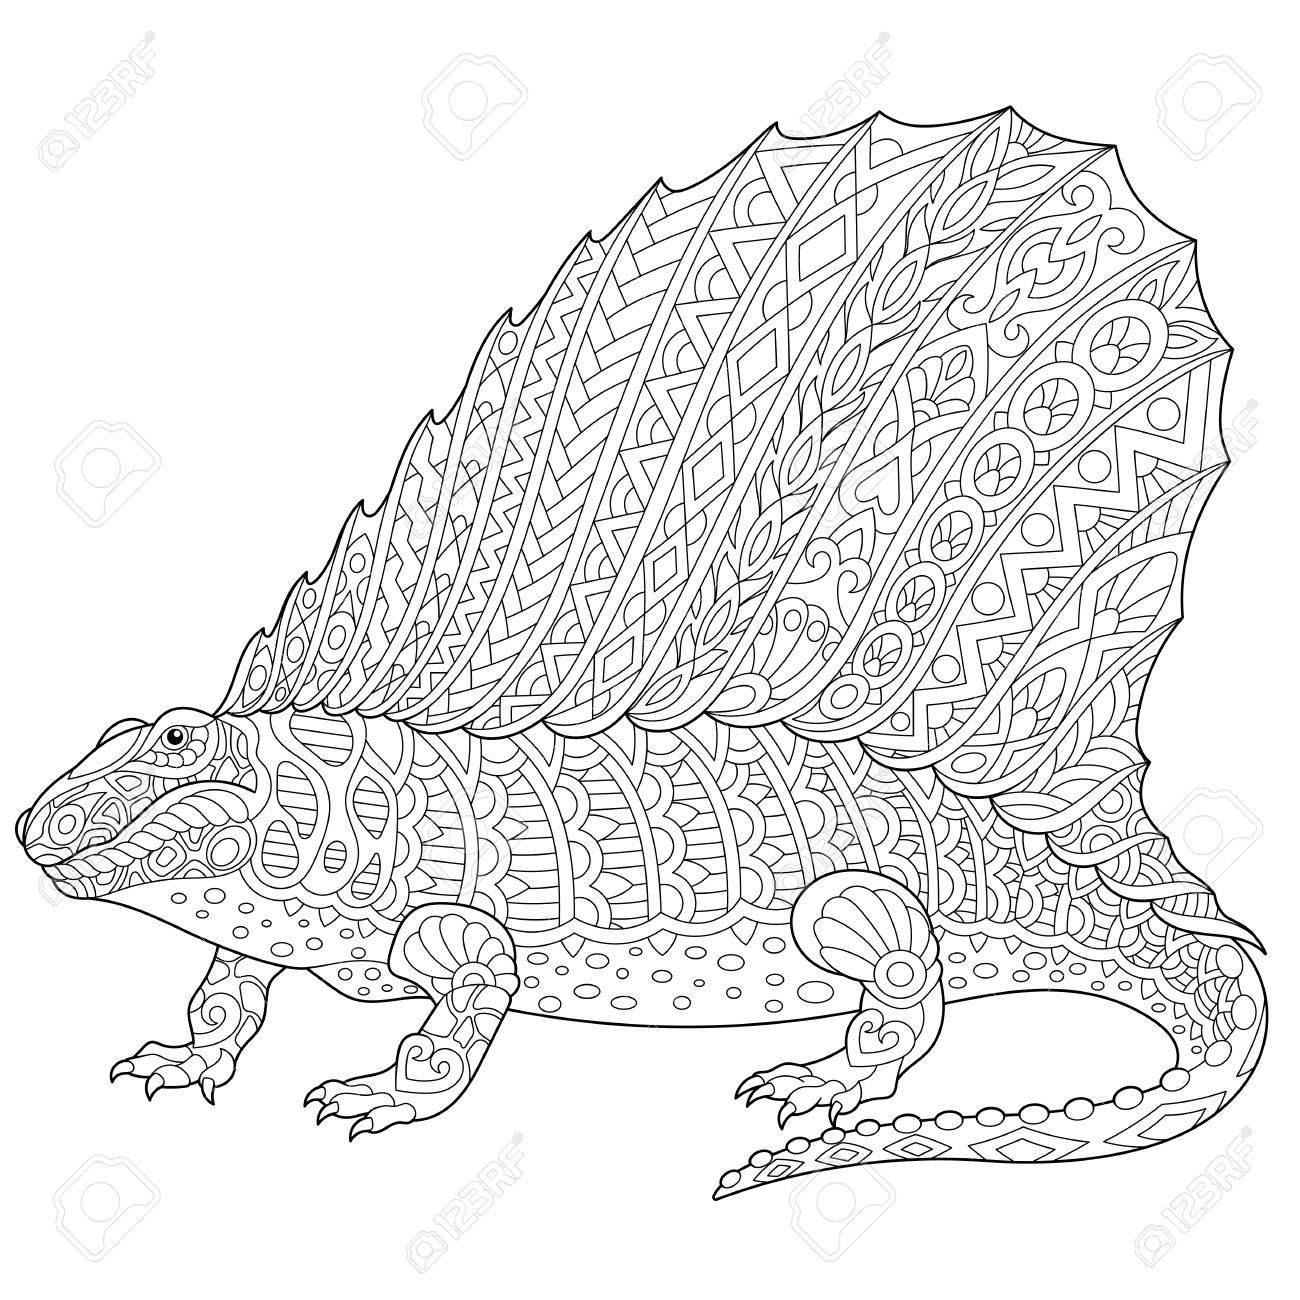 Coloriage Dinosaure Adulte.Dinosaure Dimetrodon Stylise Reptile Fossile De La Periode Du